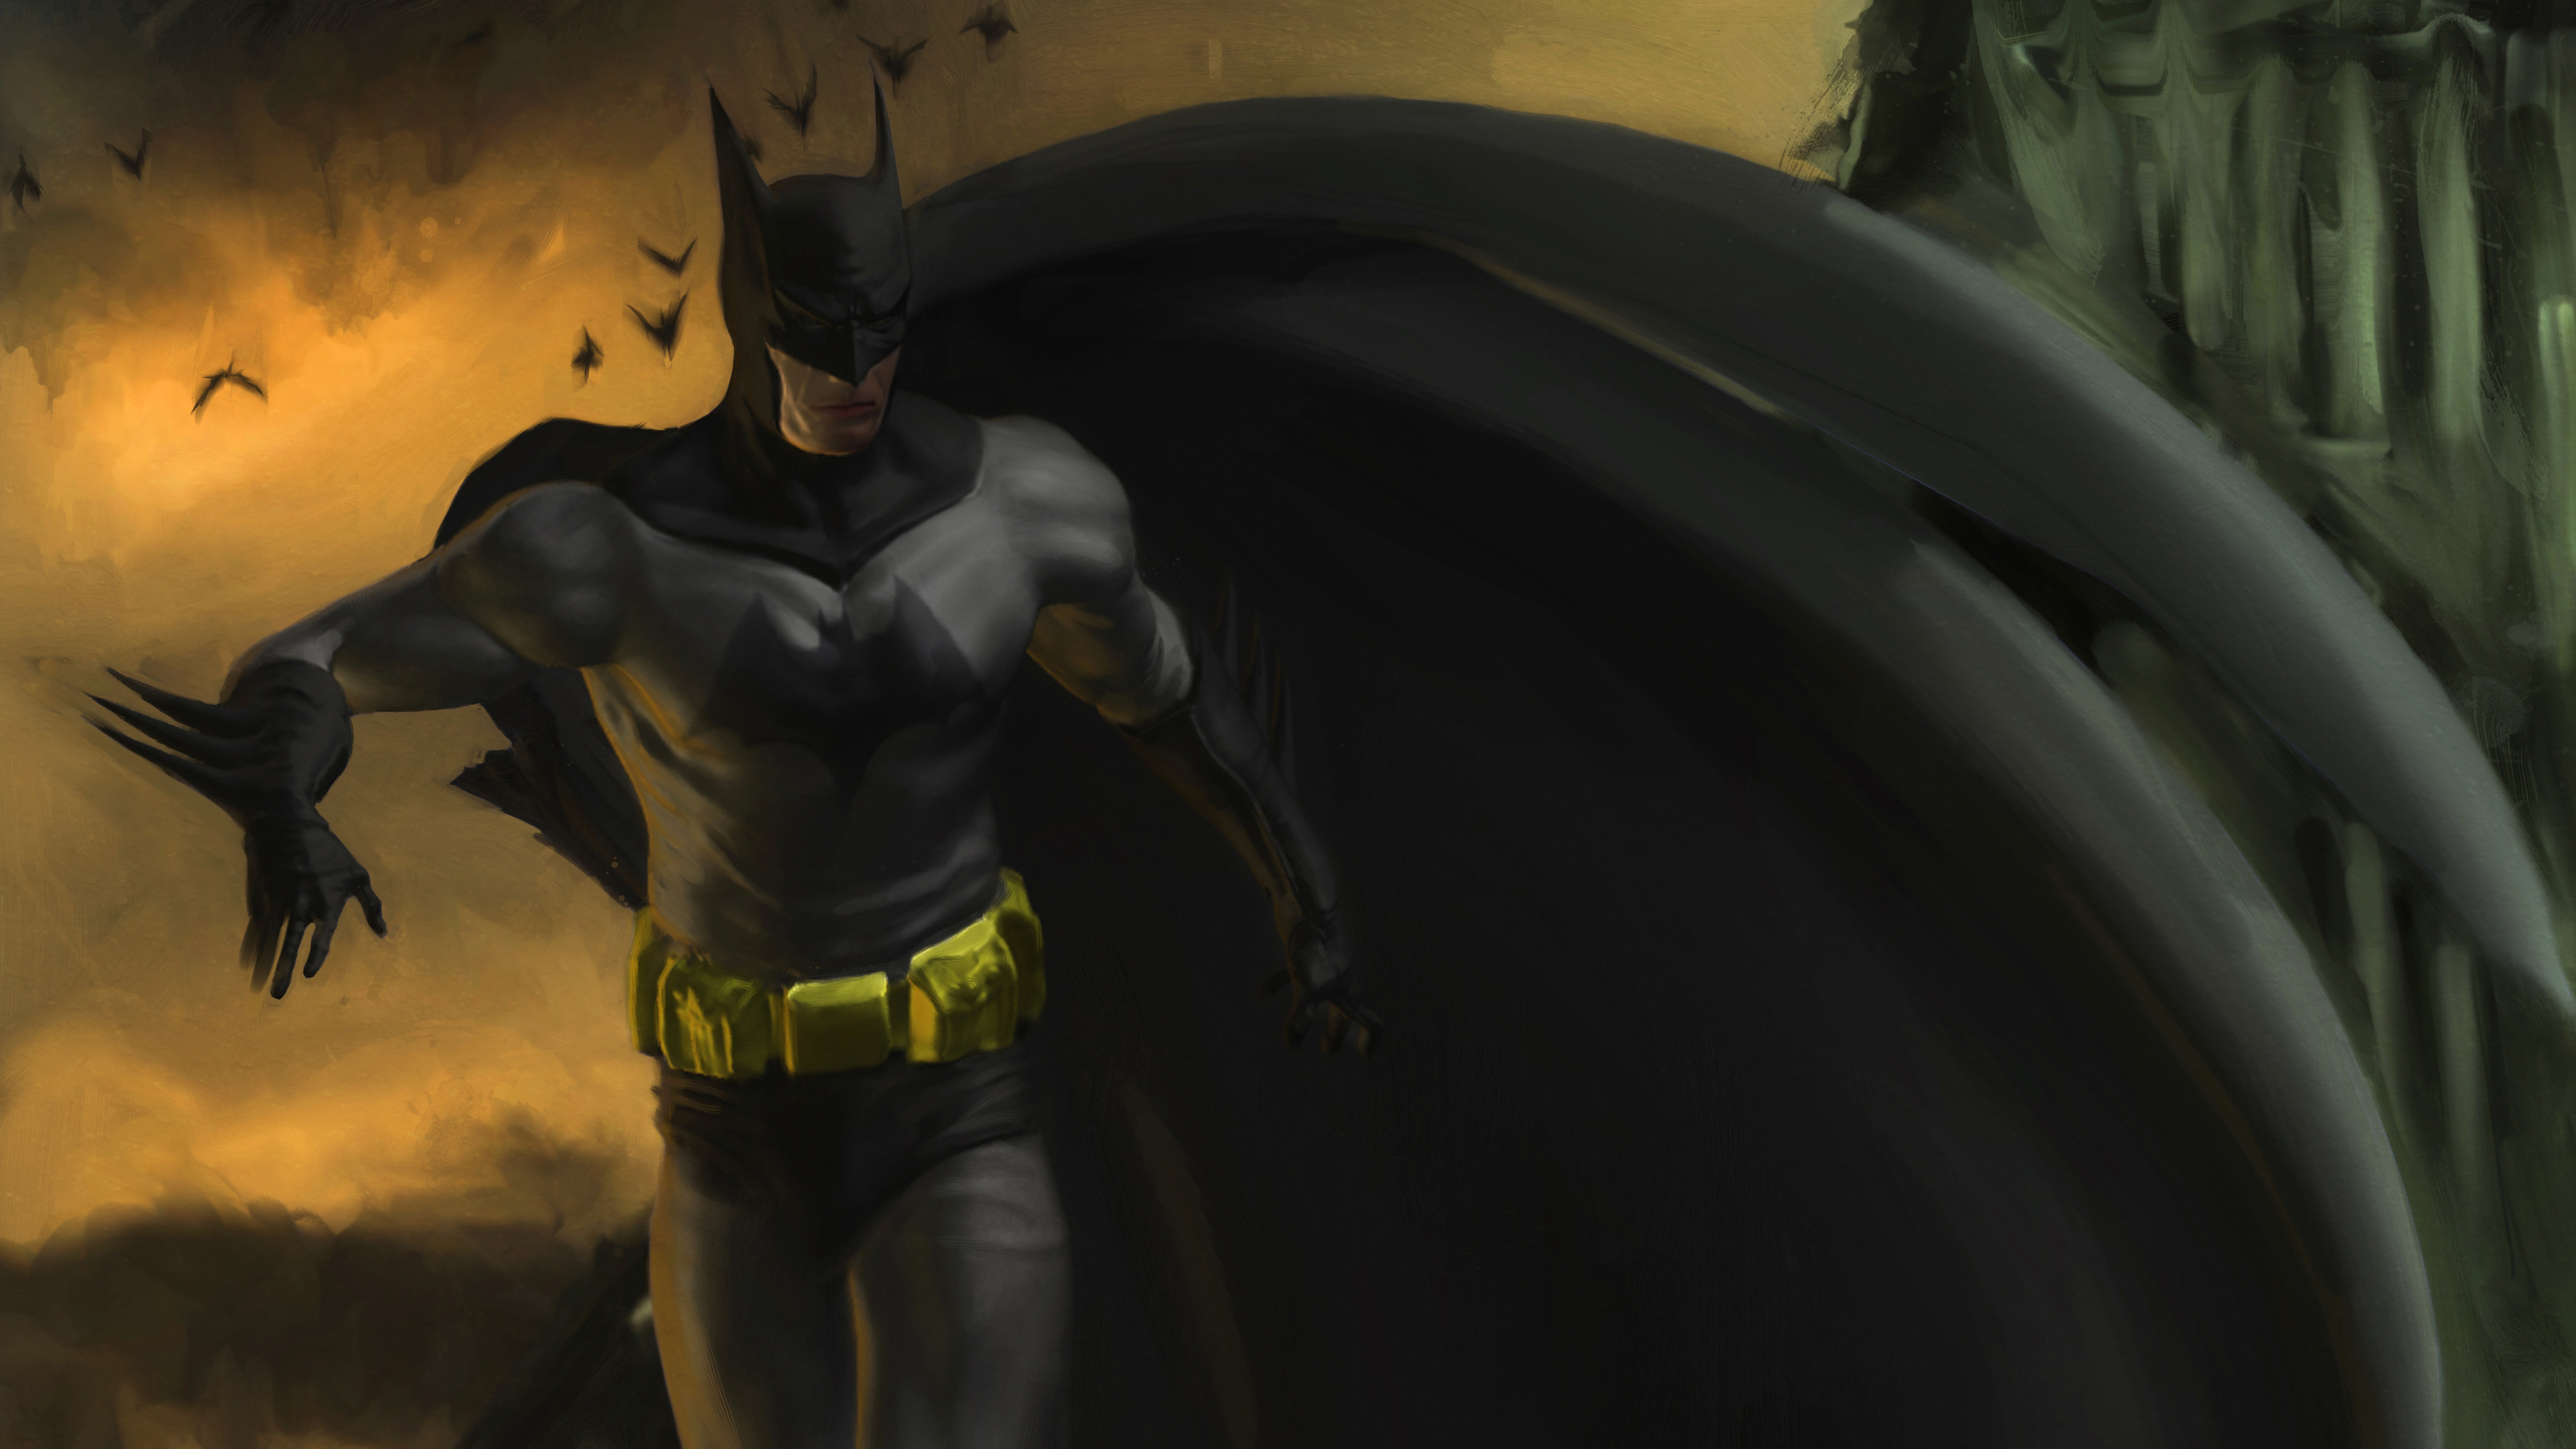 dark knight 2019 1569186880 - Dark Knight 2019 - superheroes wallpapers, hd-wallpapers, digital art wallpapers, deviantart wallpapers, batman wallpapers, artwork wallpapers, artist wallpapers, 5k wallpapers, 4k-wallpapers